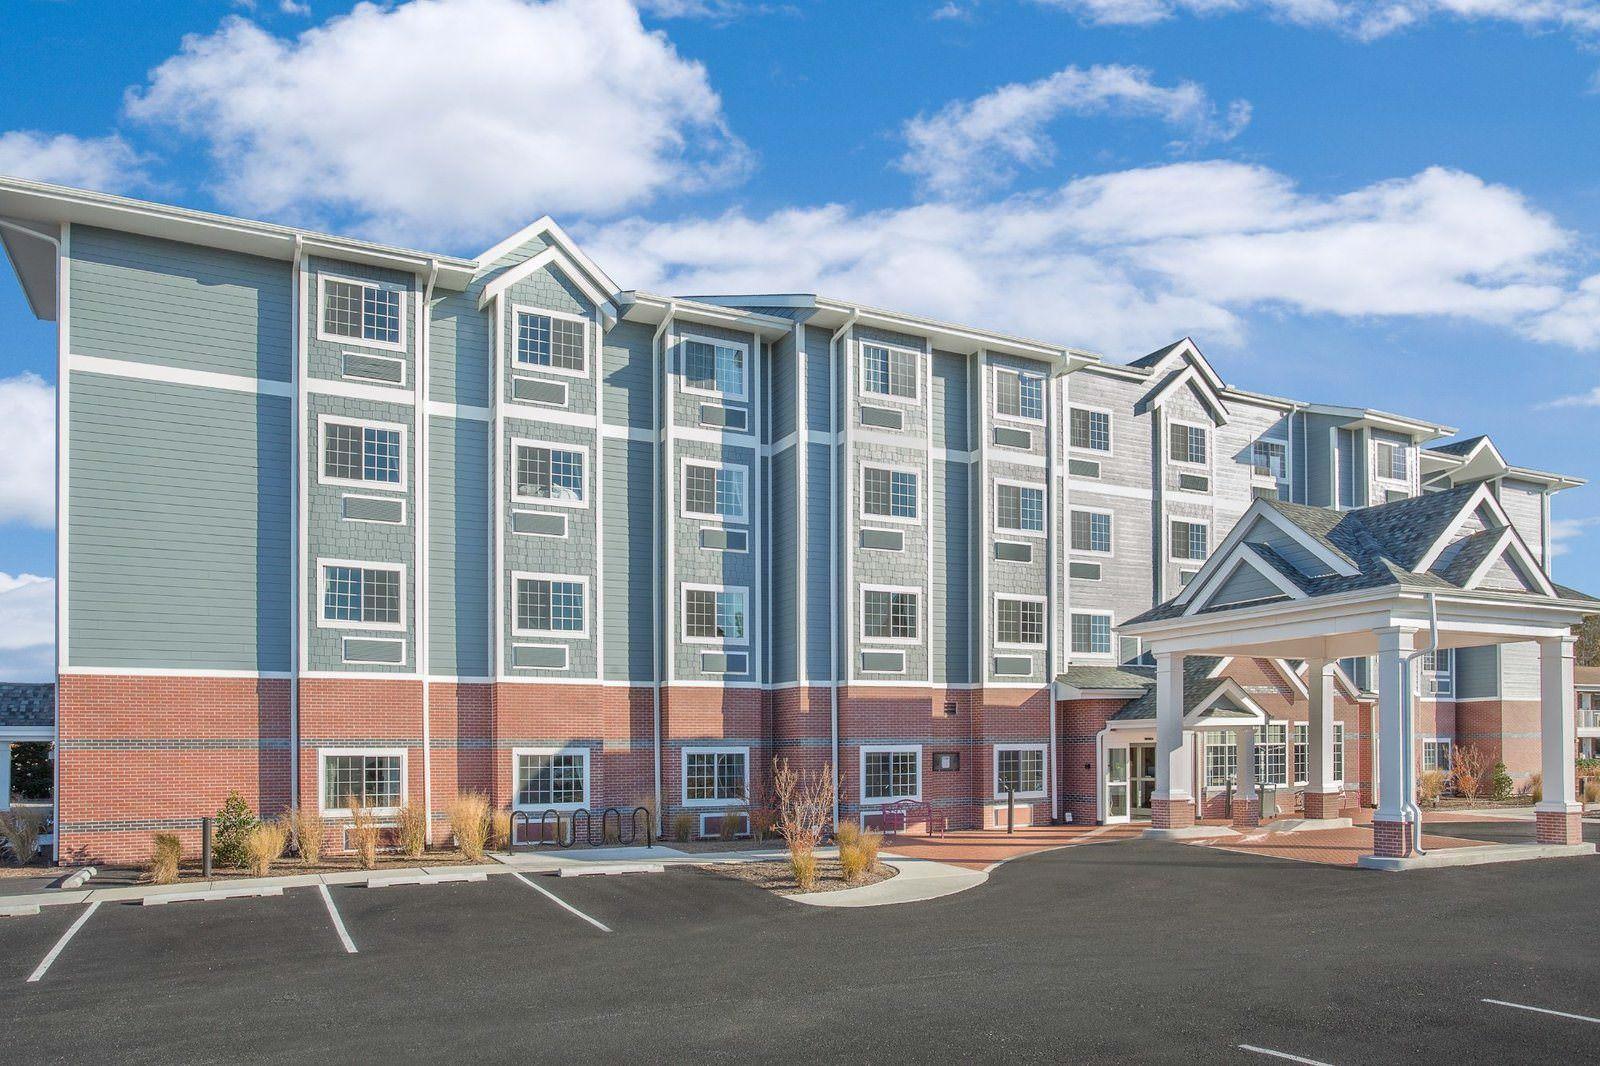 Ultimate List of Best Luxury Hotels in Ocean City, Maryland, Microtel Inn & Suites by Wyndham Ocean City